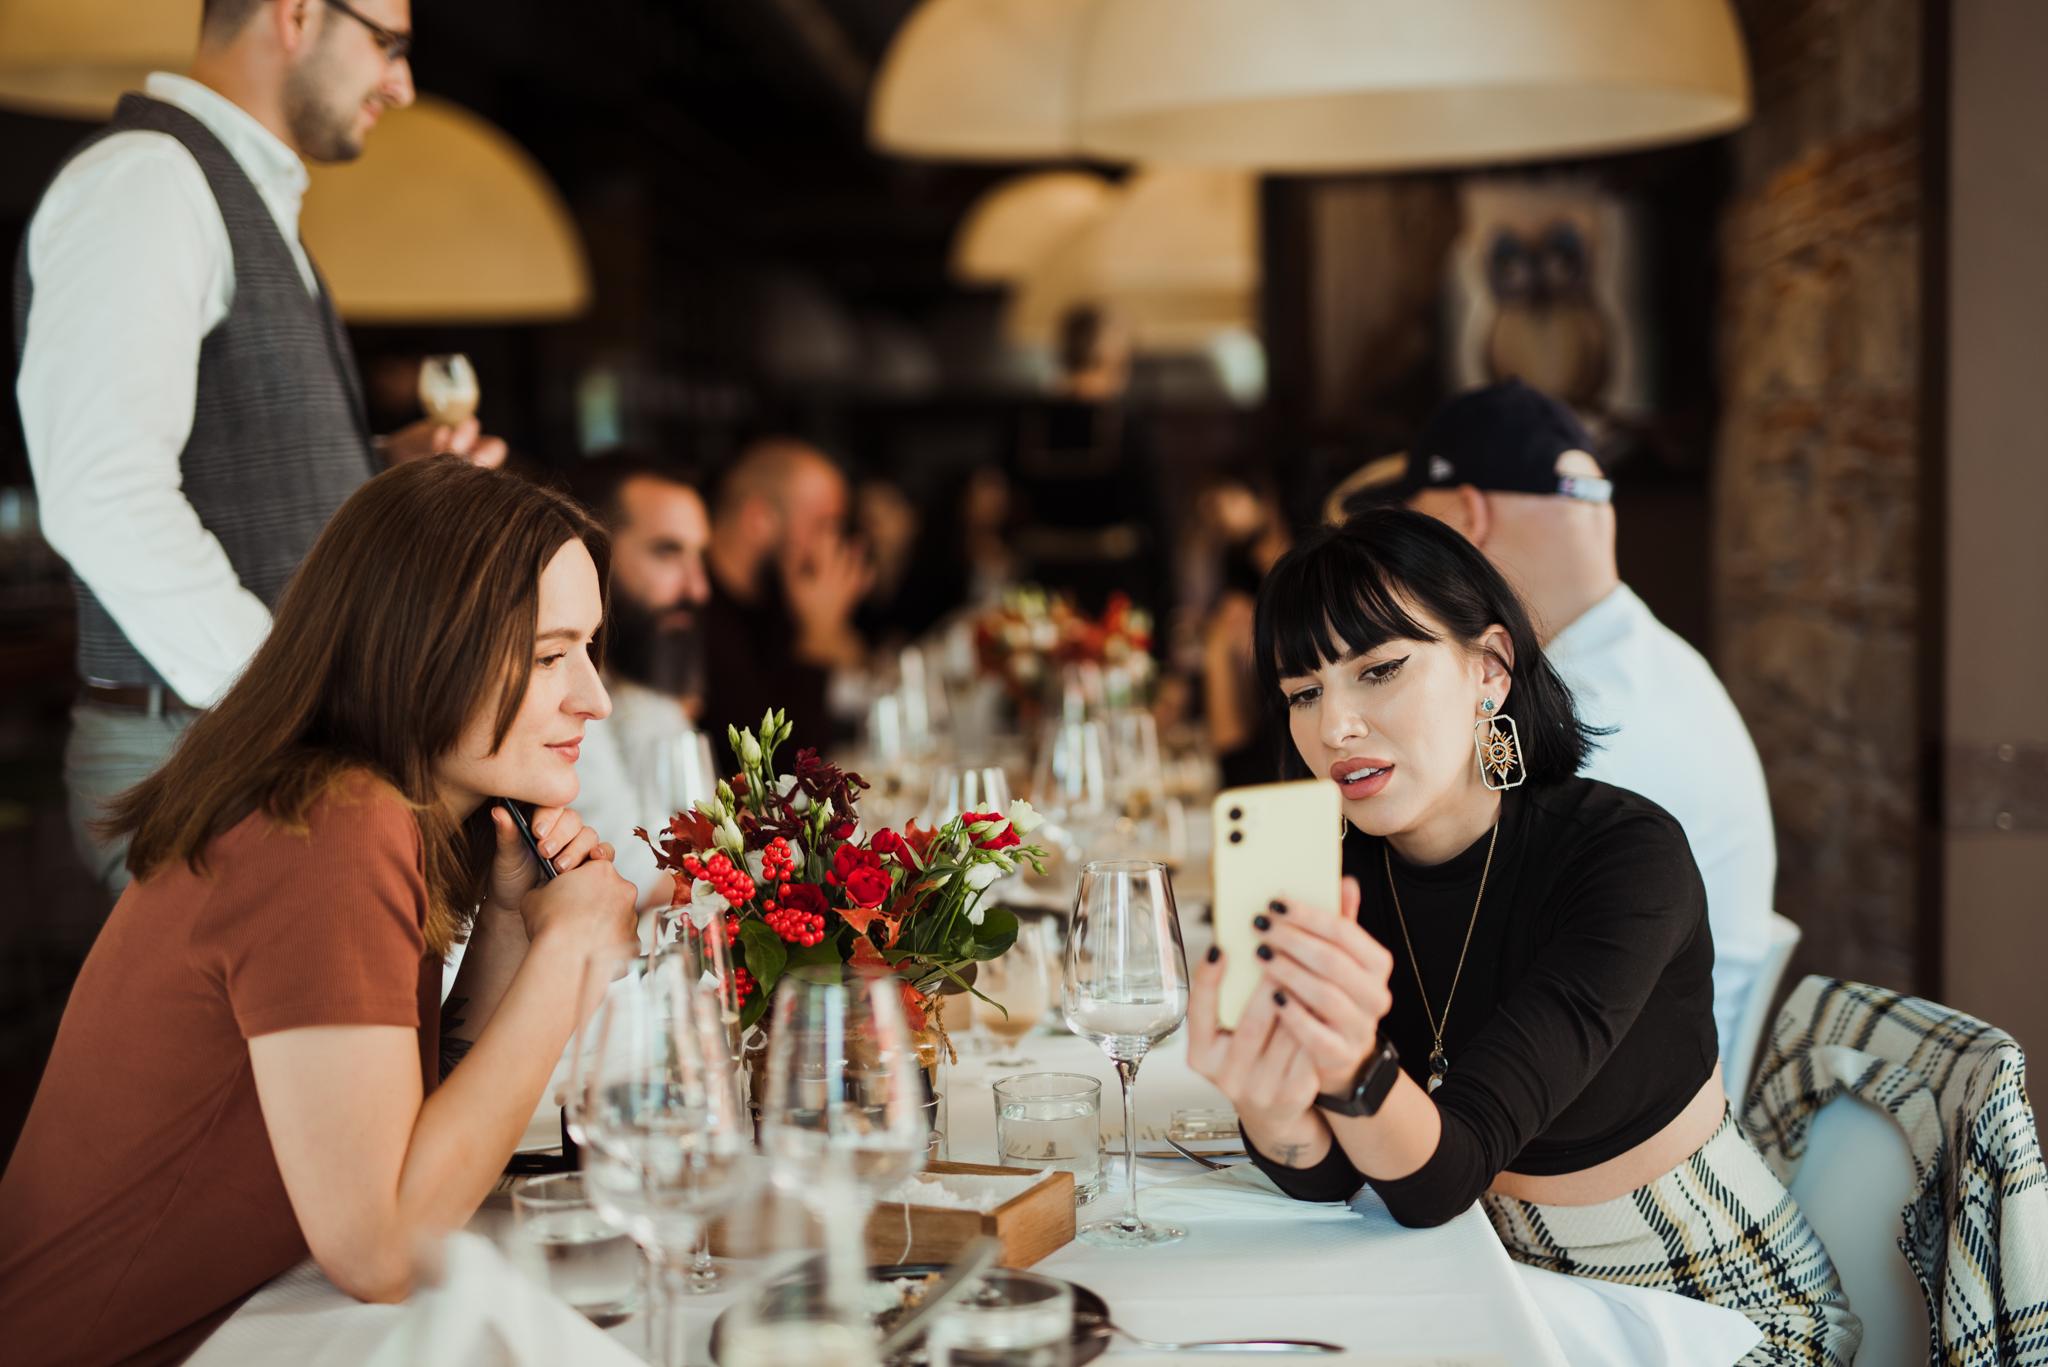 Nespresso_Baracca-Lunch-Cluj_18-10-2019_Andreea-Popa_KOMITI_9809_WEB